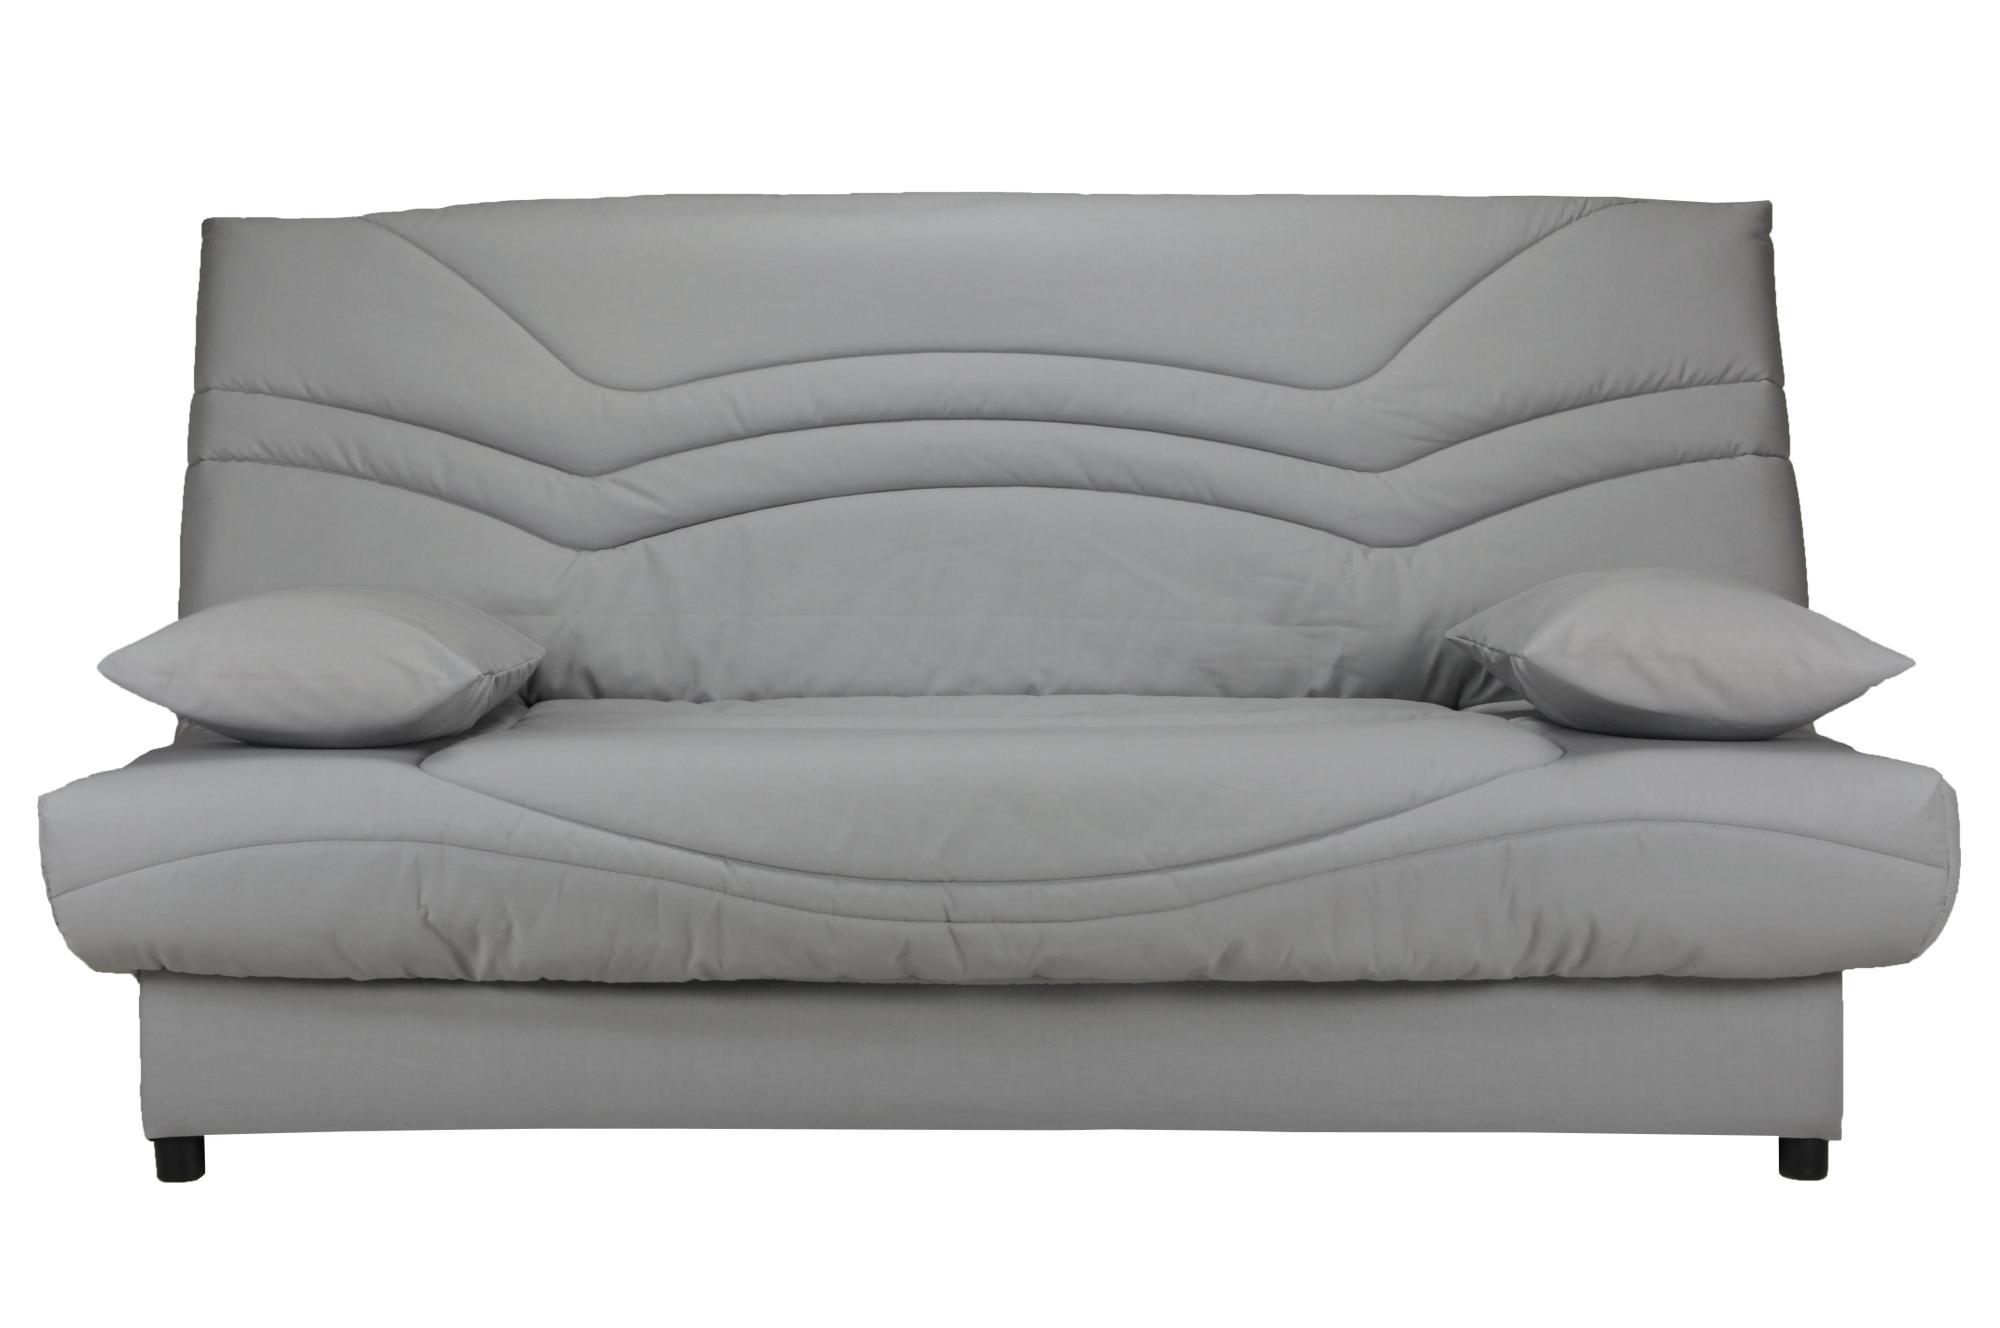 Canapé clic-clac contemporain coloris gris uni Vista